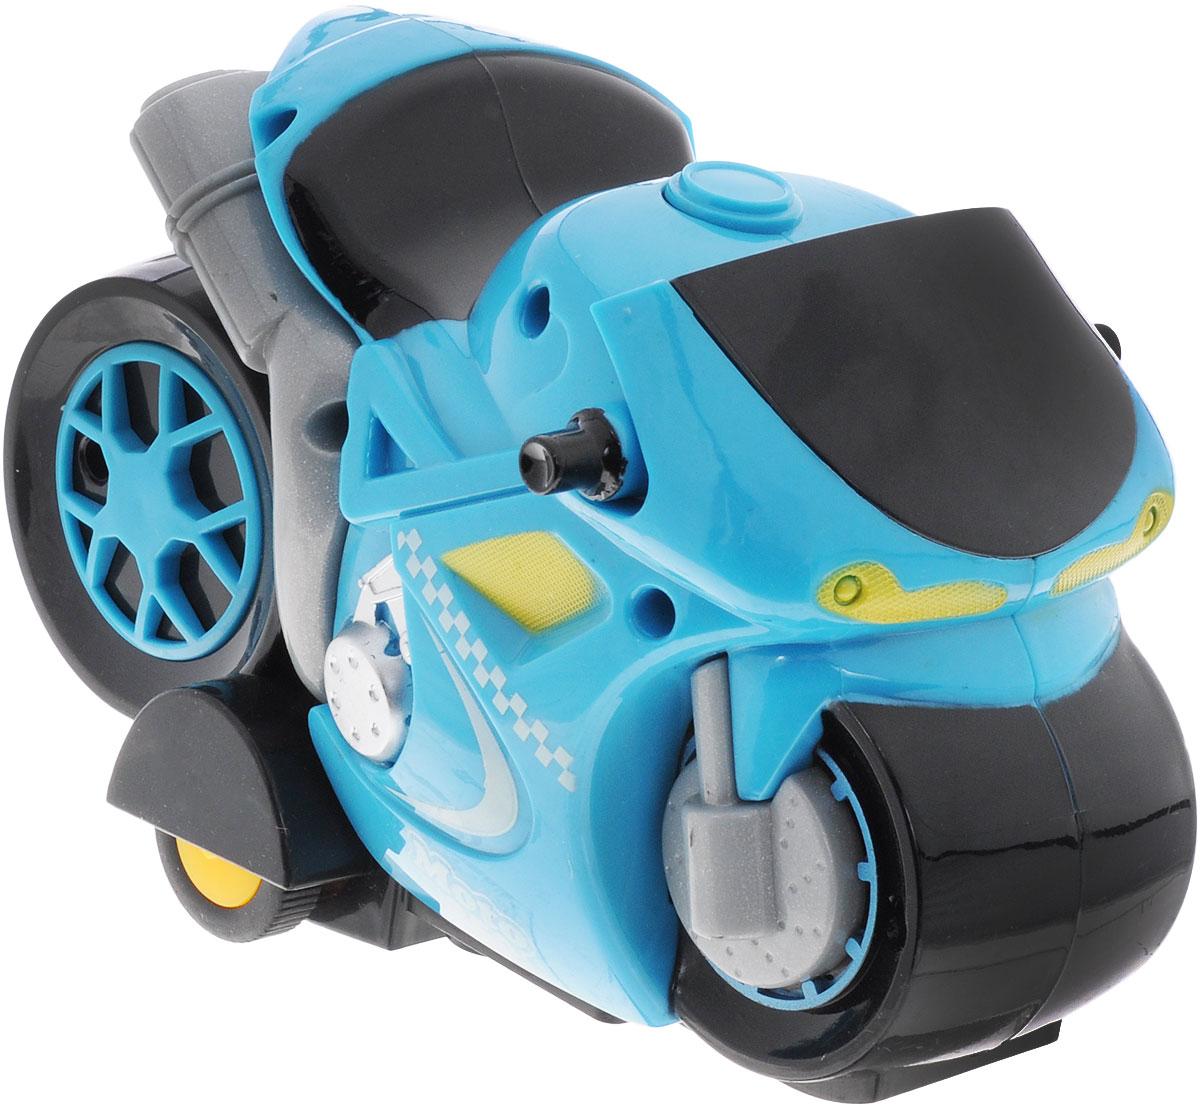 """Мотоцикл на радиоуправлении """"Мотокросс"""" идеально подходит для маленьких любителей скорости! Игрушка управляется с удобного музыкального пульта с двумя кнопками. На пульте всего две кнопки - музыкальная и движение вперед-назад. При движении мотоцикла, загорается подсветка. Эта забавная игрушка обязательно вызовет восторг и бурю эмоций у вашего маленького гонщика. Такая игрушка поможет малышу развить цветовое восприятие, мелкую моторику рук, координацию движений, фантазию и воображение. мотоцикл разнообразит игровые ситуации и откроет малышу новые сюжеты. Не упустите шанс порадовать своего ребенка замечательным подарком! Для работы мотоцикла требуются 3 батарейки типа АА (не входят в комплект). Для работы пульта требуются 2 батарейки типа АА (не входят в комплект)."""